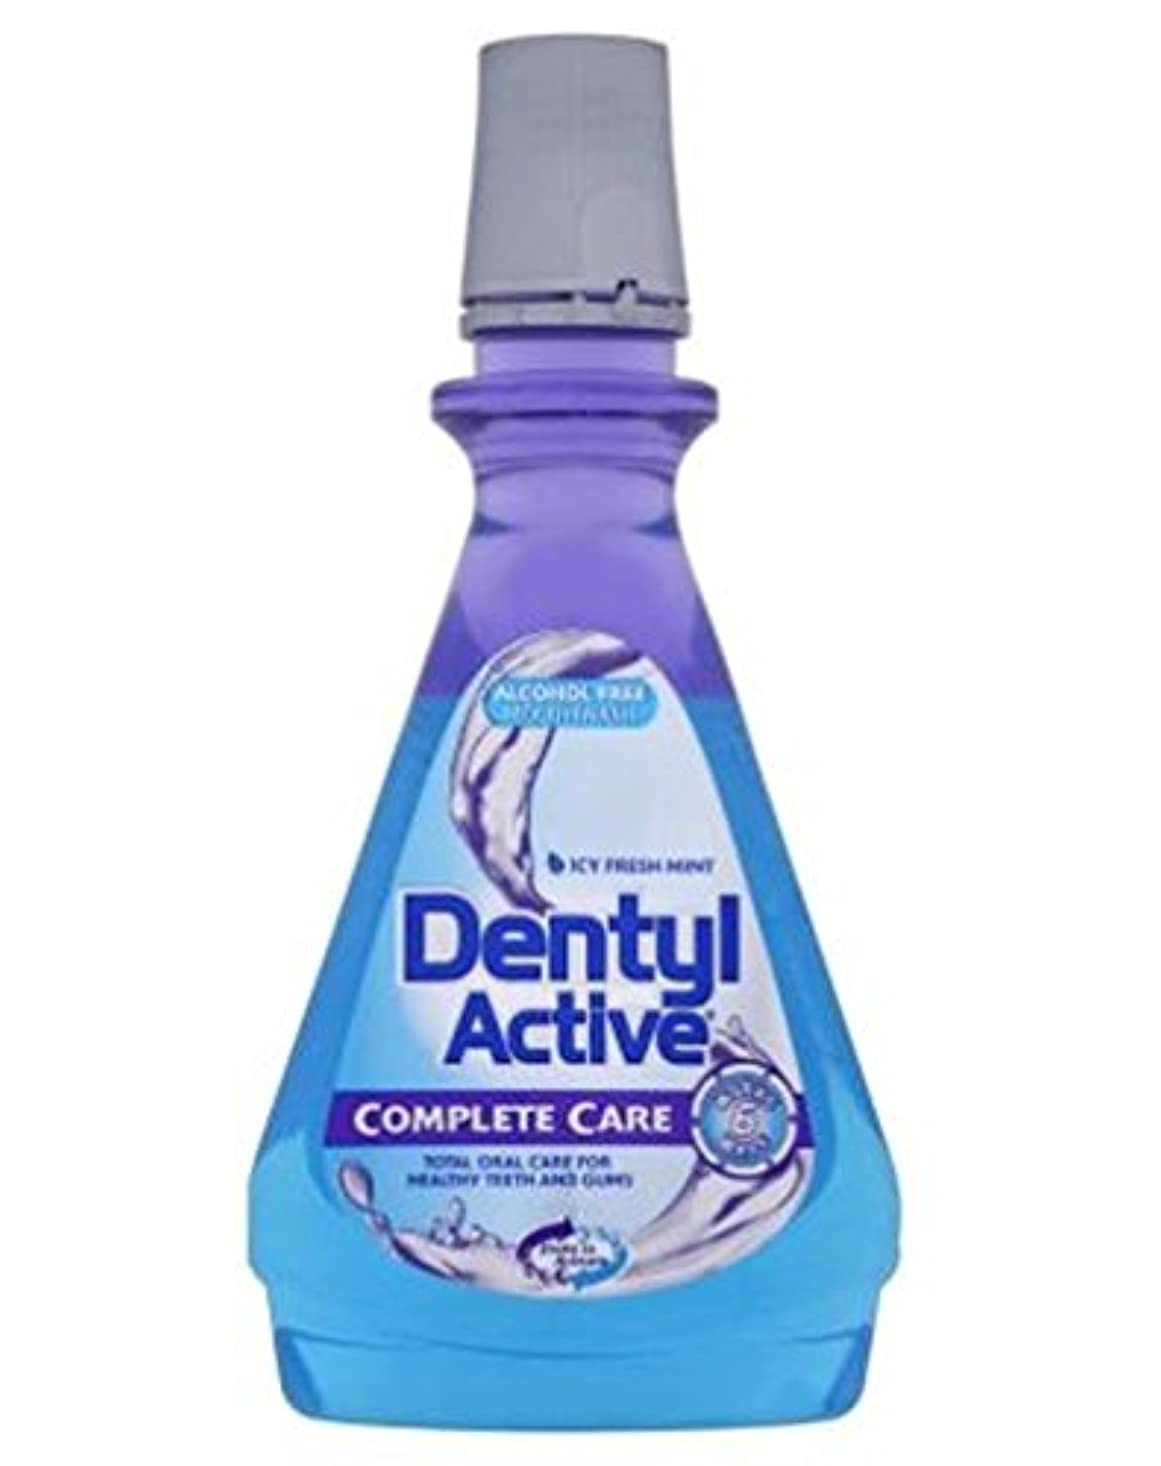 クラッシュ不幸くぼみDentylアクティブケアミントマウスウォッシュ500ミリリットル (Dentyl) (x2) - Dentyl Active Care Mint Mouthwash 500ml (Pack of 2) [並行輸入品]